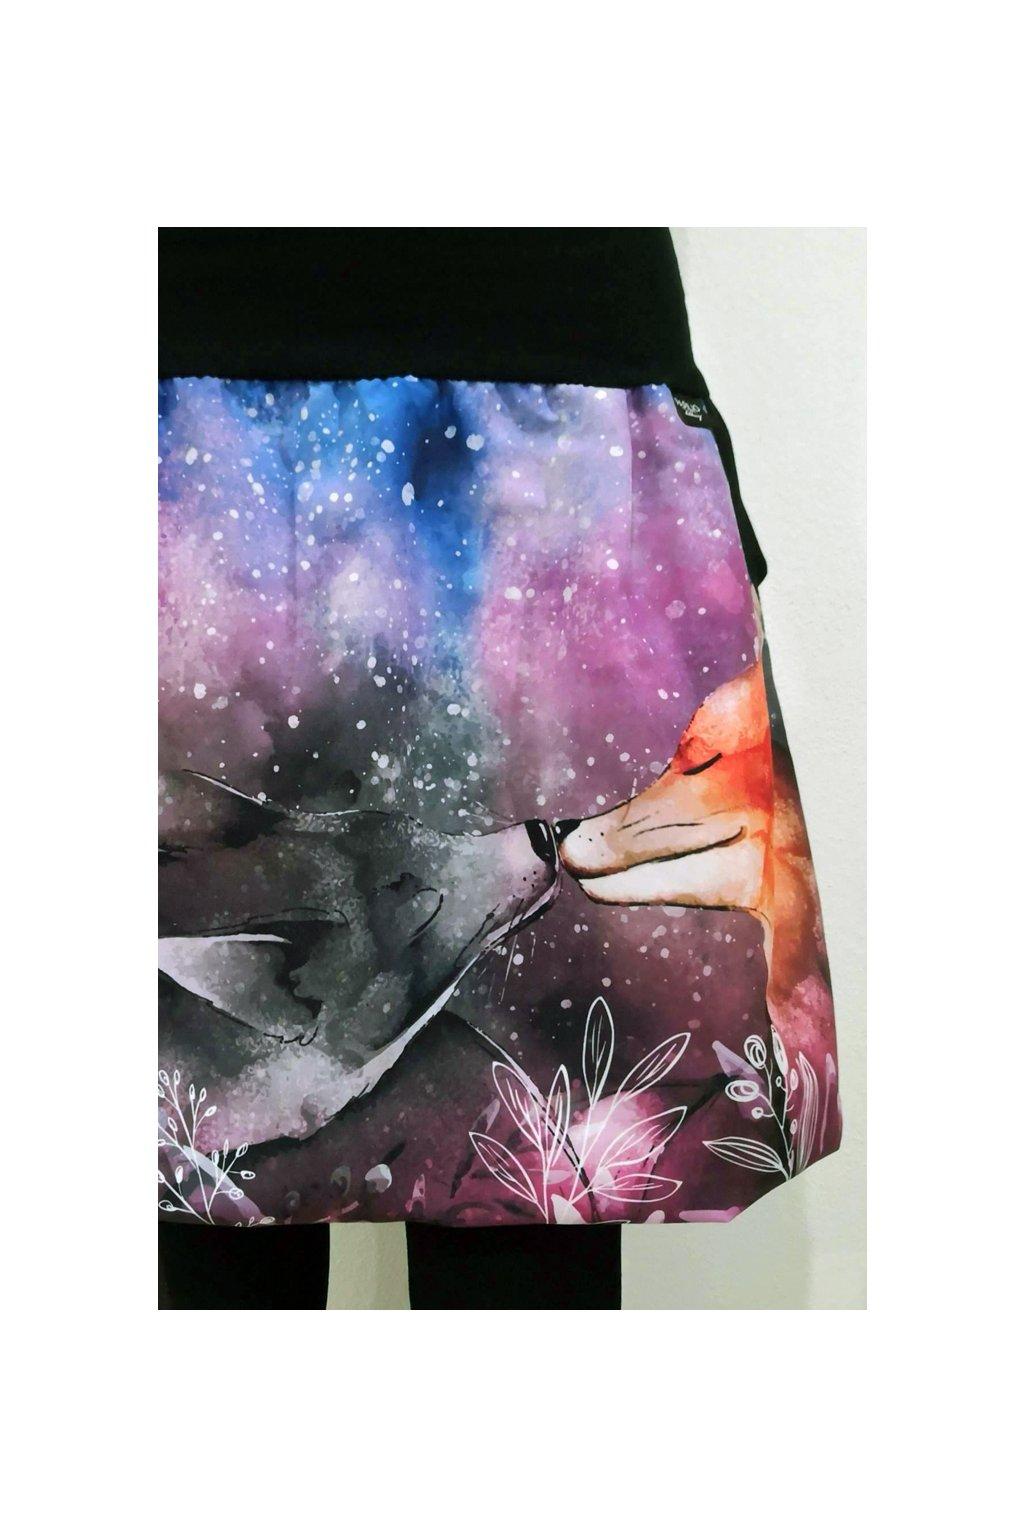 SKLADEM - Balonová sukně Liščí polibek   micropeach